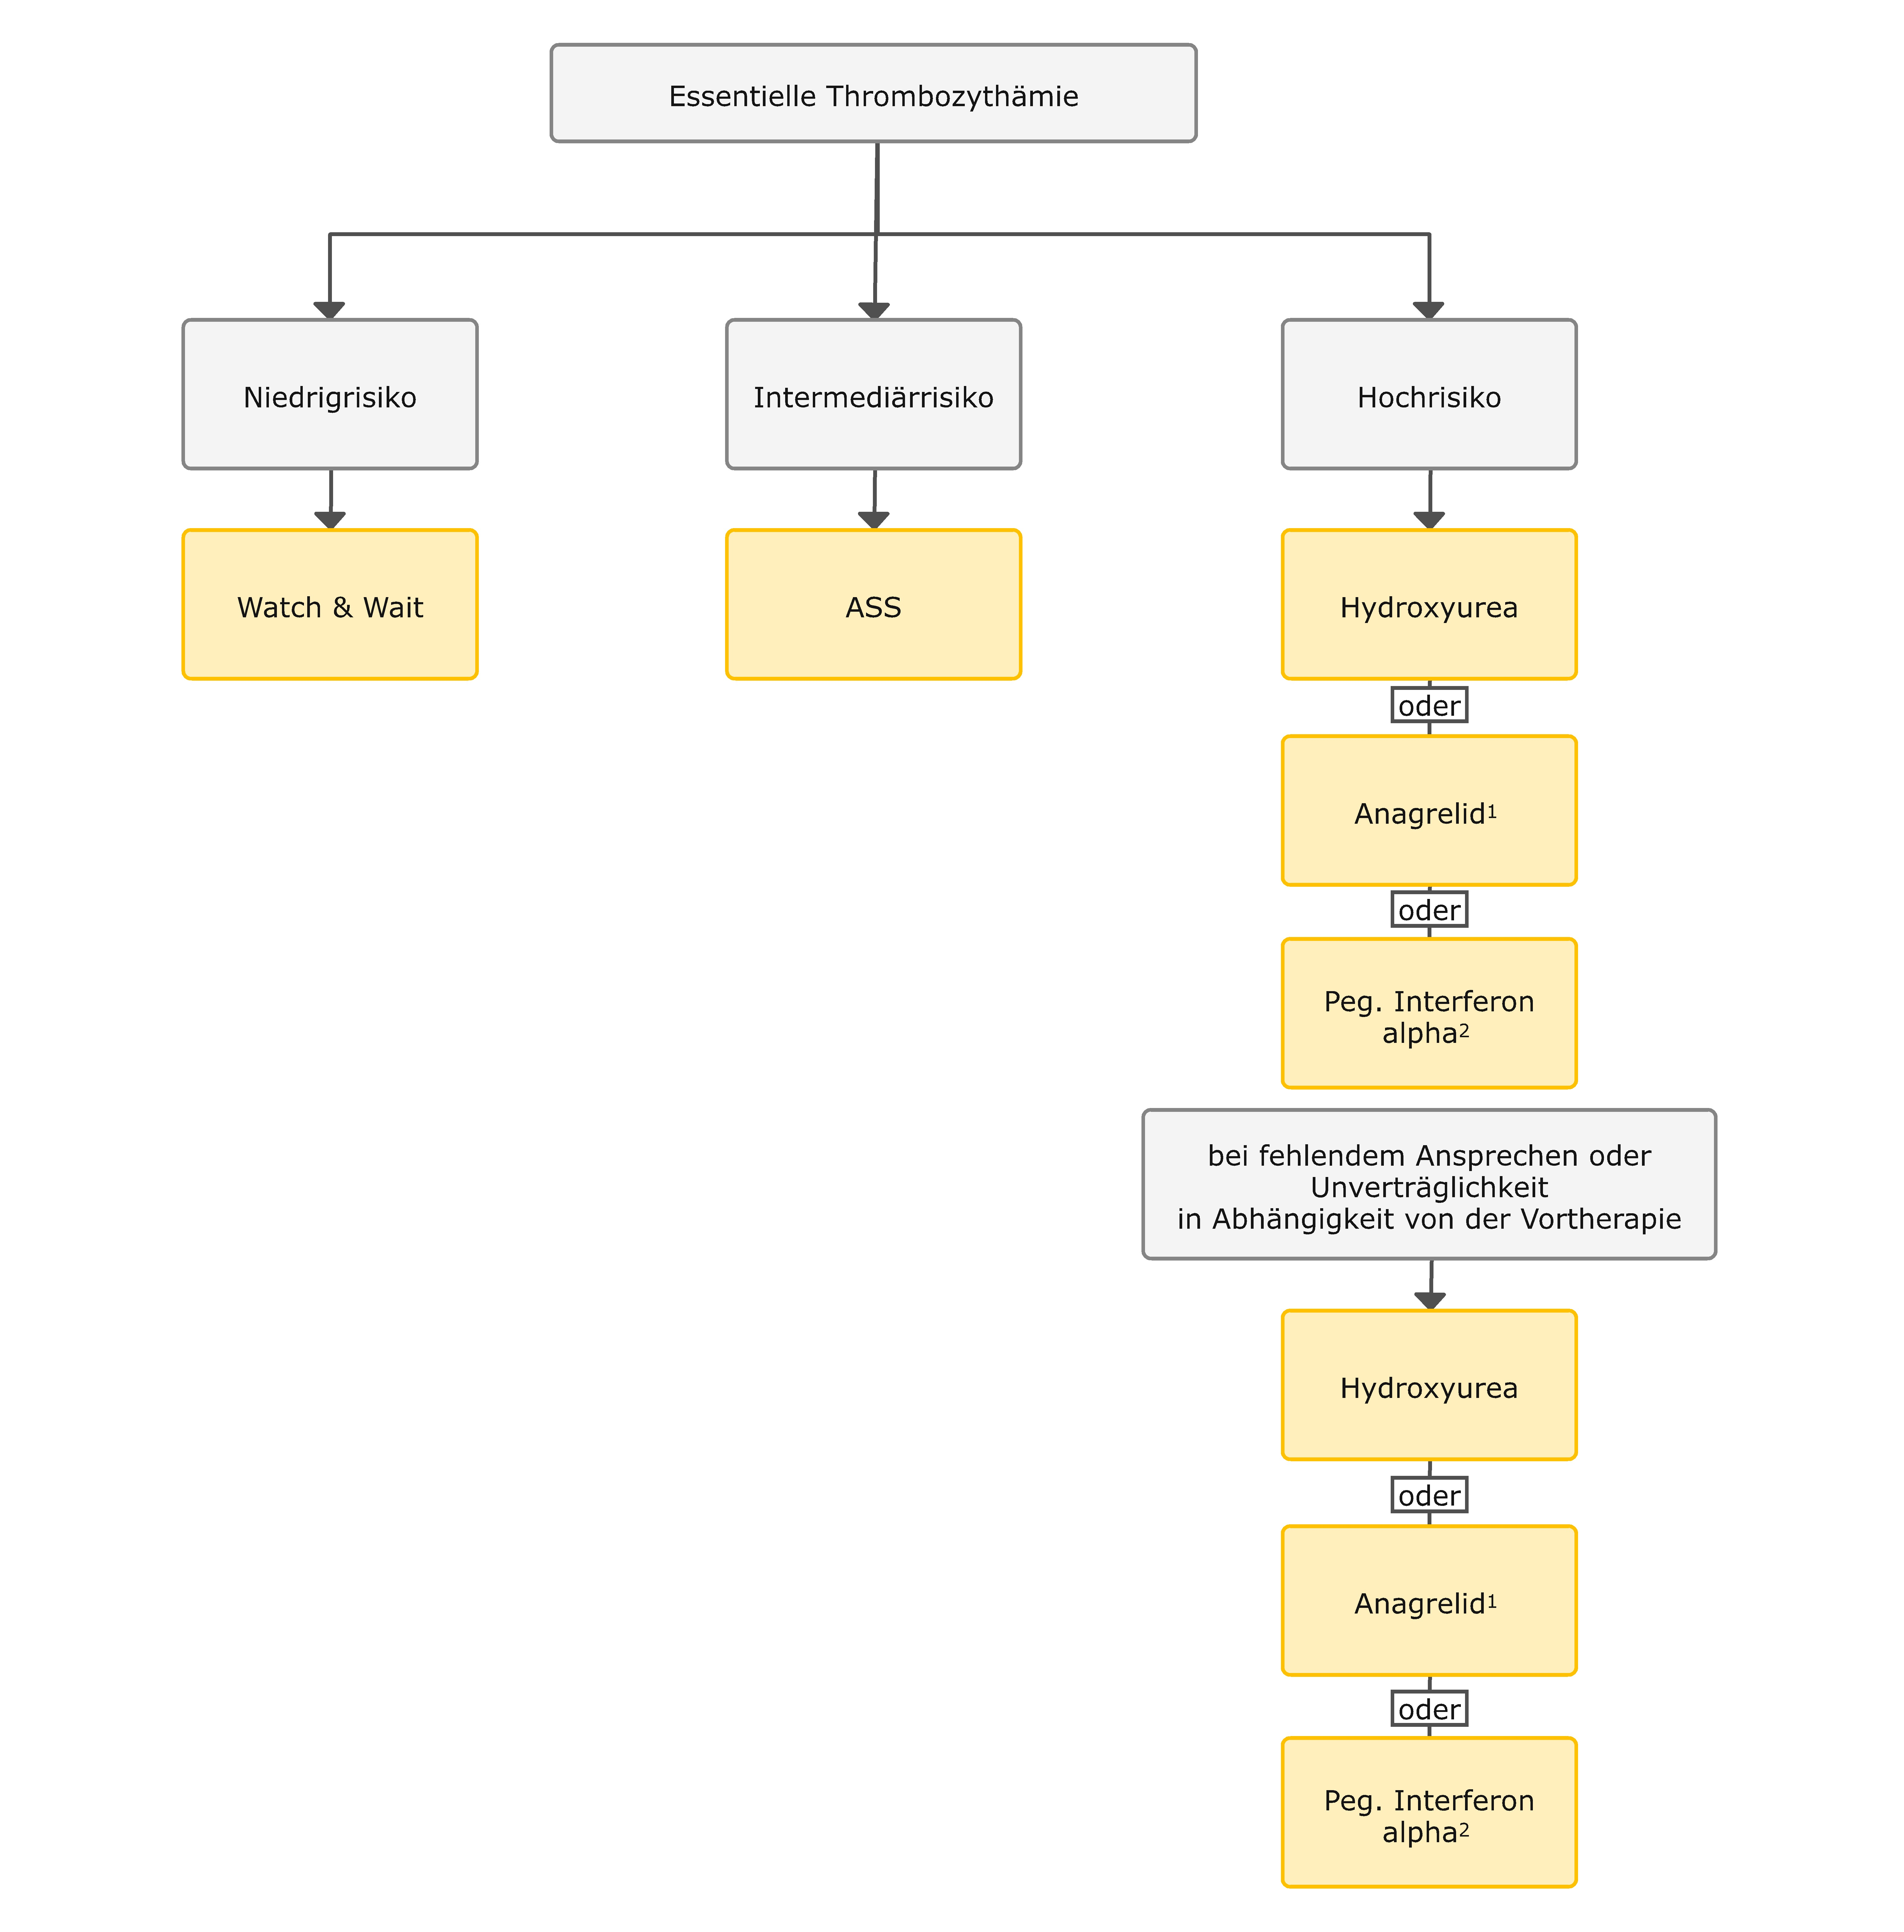 Risikoadaptierte Therapie von Patienten mit Essentieller Thrombozythämie (ET)